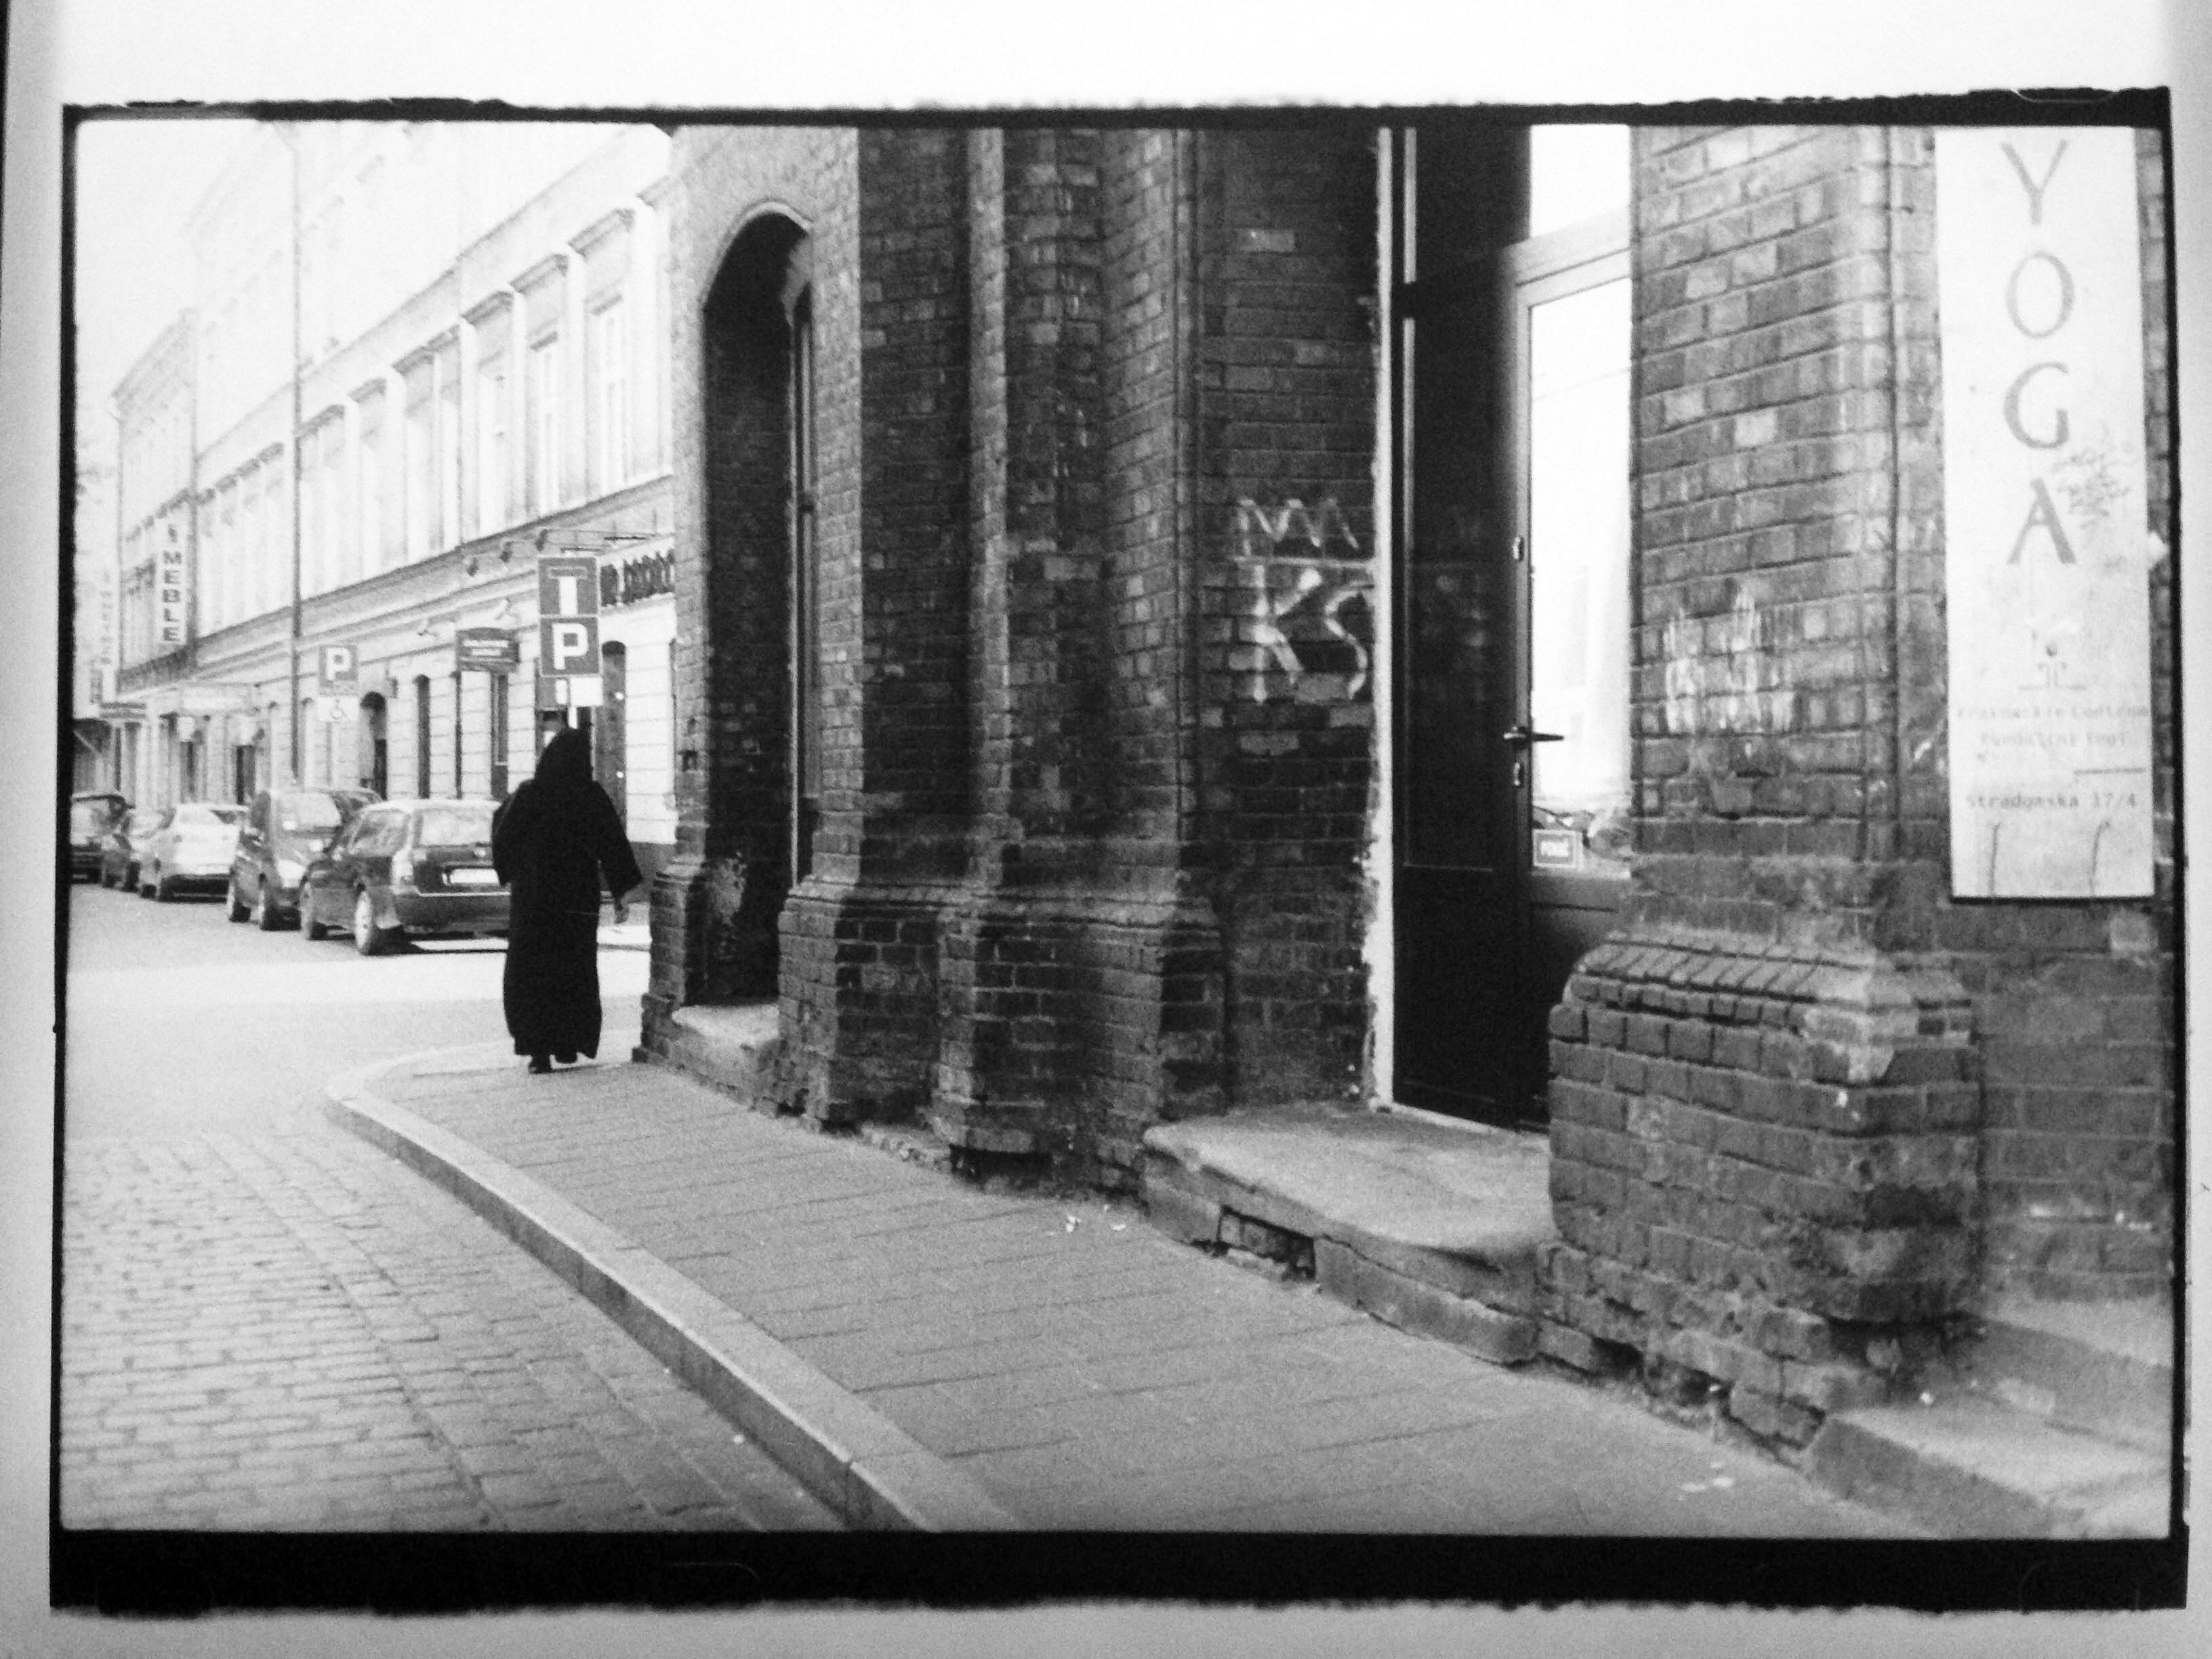 A priest walking in Krakow